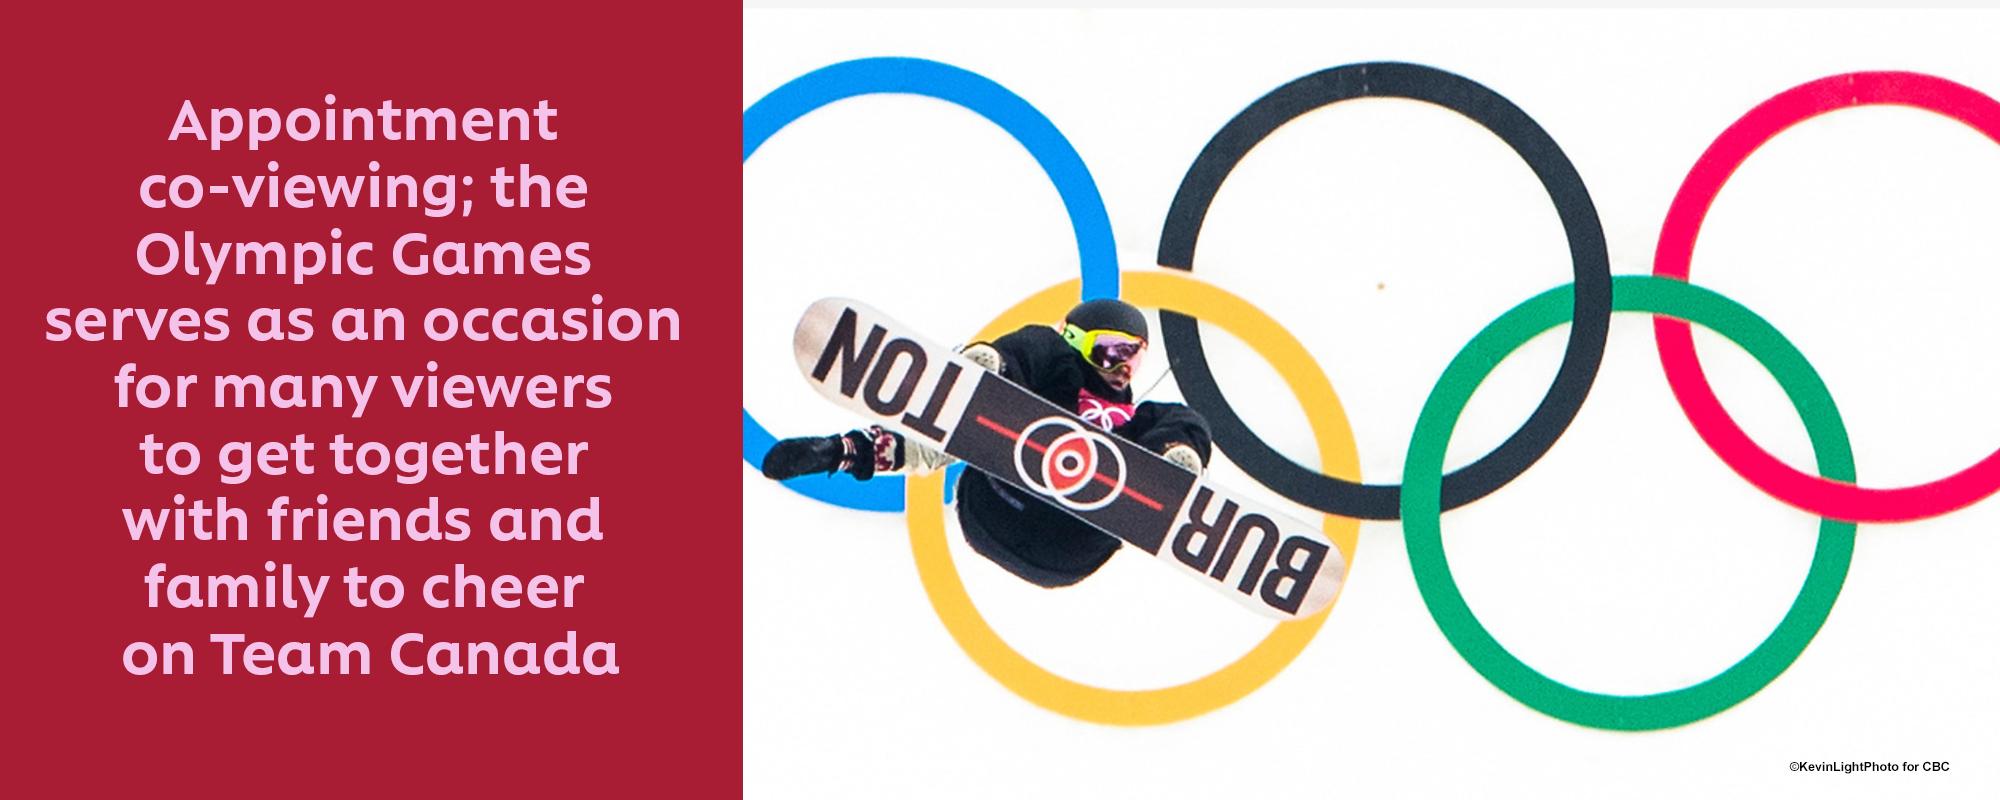 Un rendez-vous rassembleur. Les Jeux olympiques sont l'occasion de se réunir en famille et entre amis pour encourager les athlètes Canadiens.